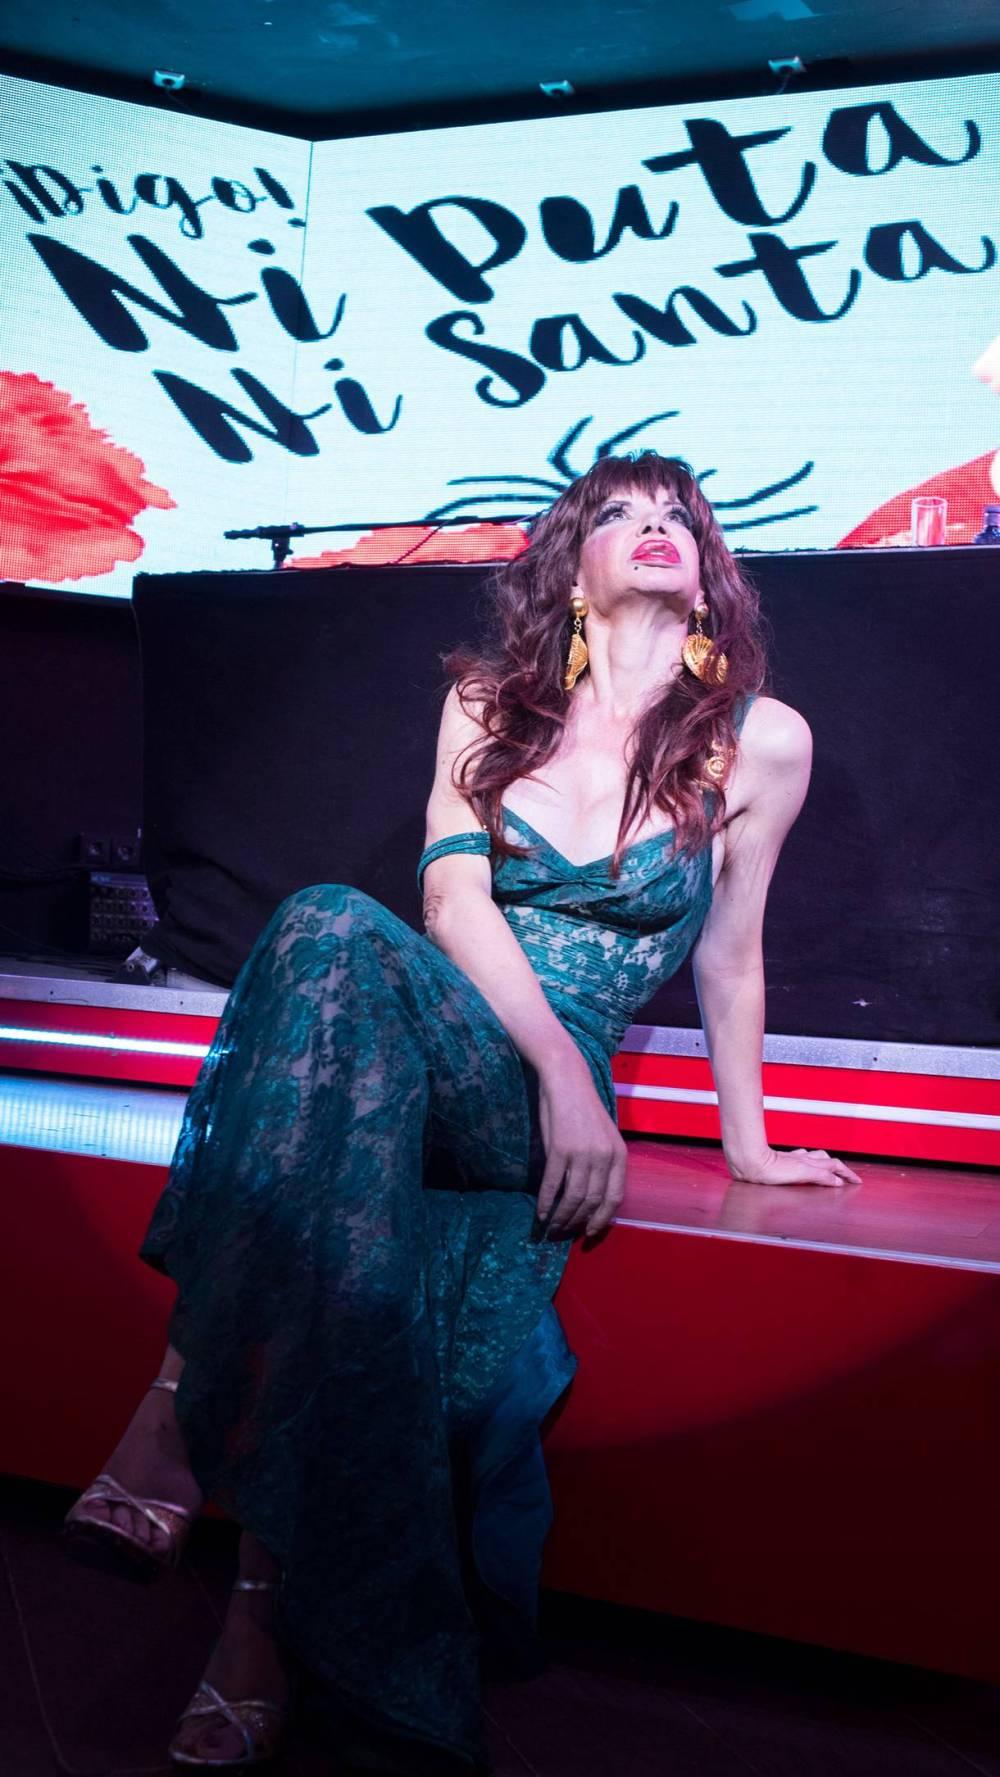 entrevista-la-veneno-ni-puta-ni-santa-libro-body-image-1475576354.jpg